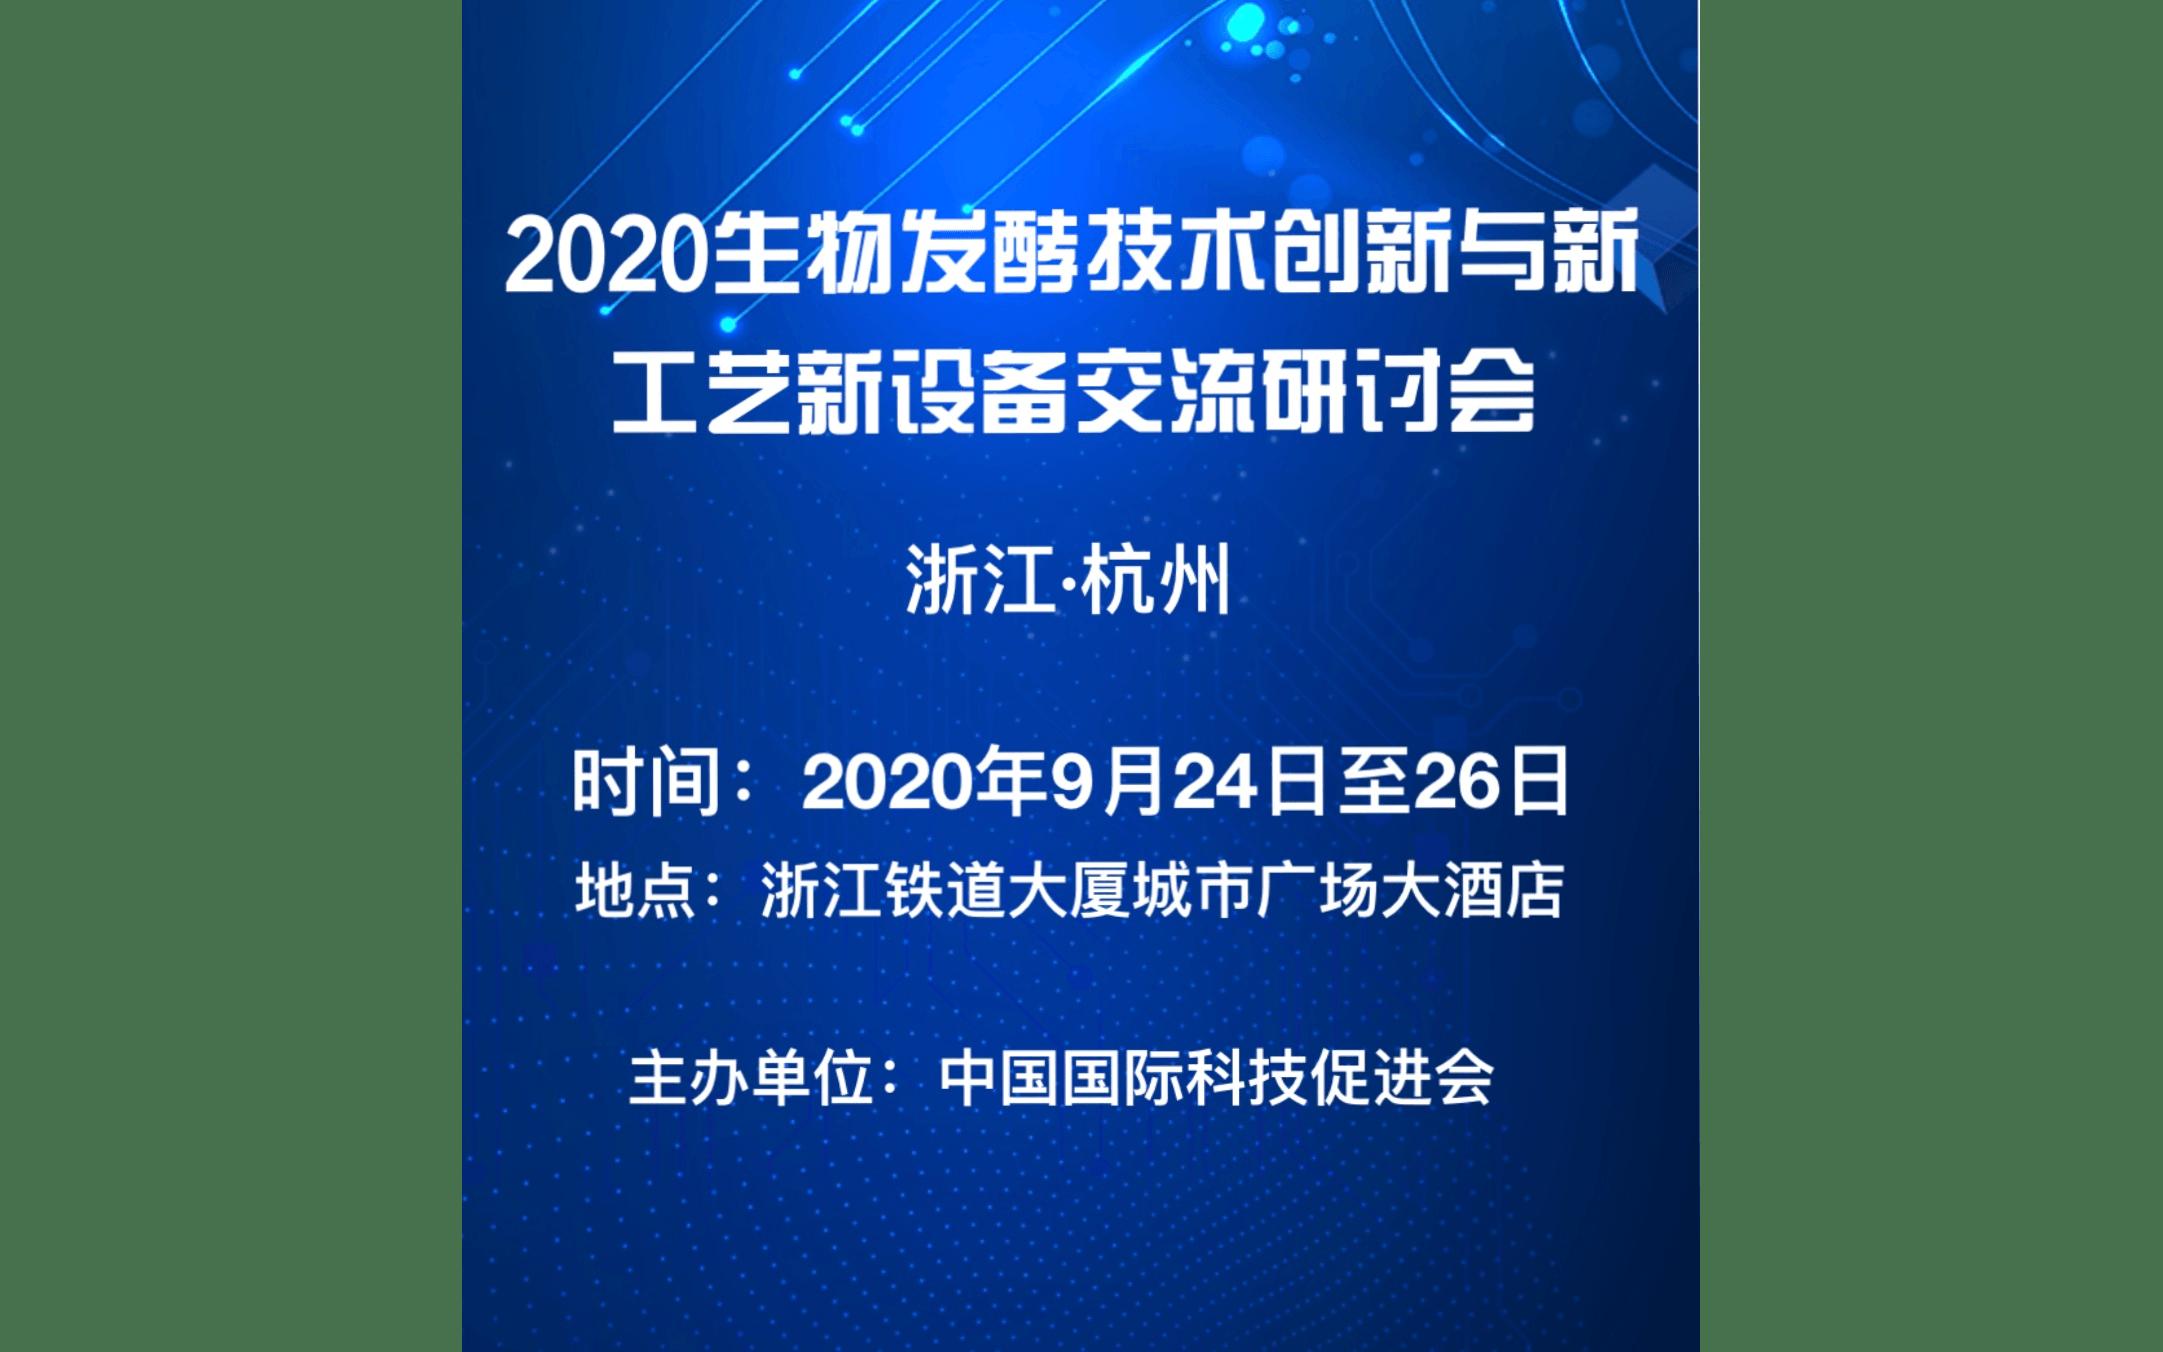 2020生物发酵技术创新与新工艺、新设备交流研讨会